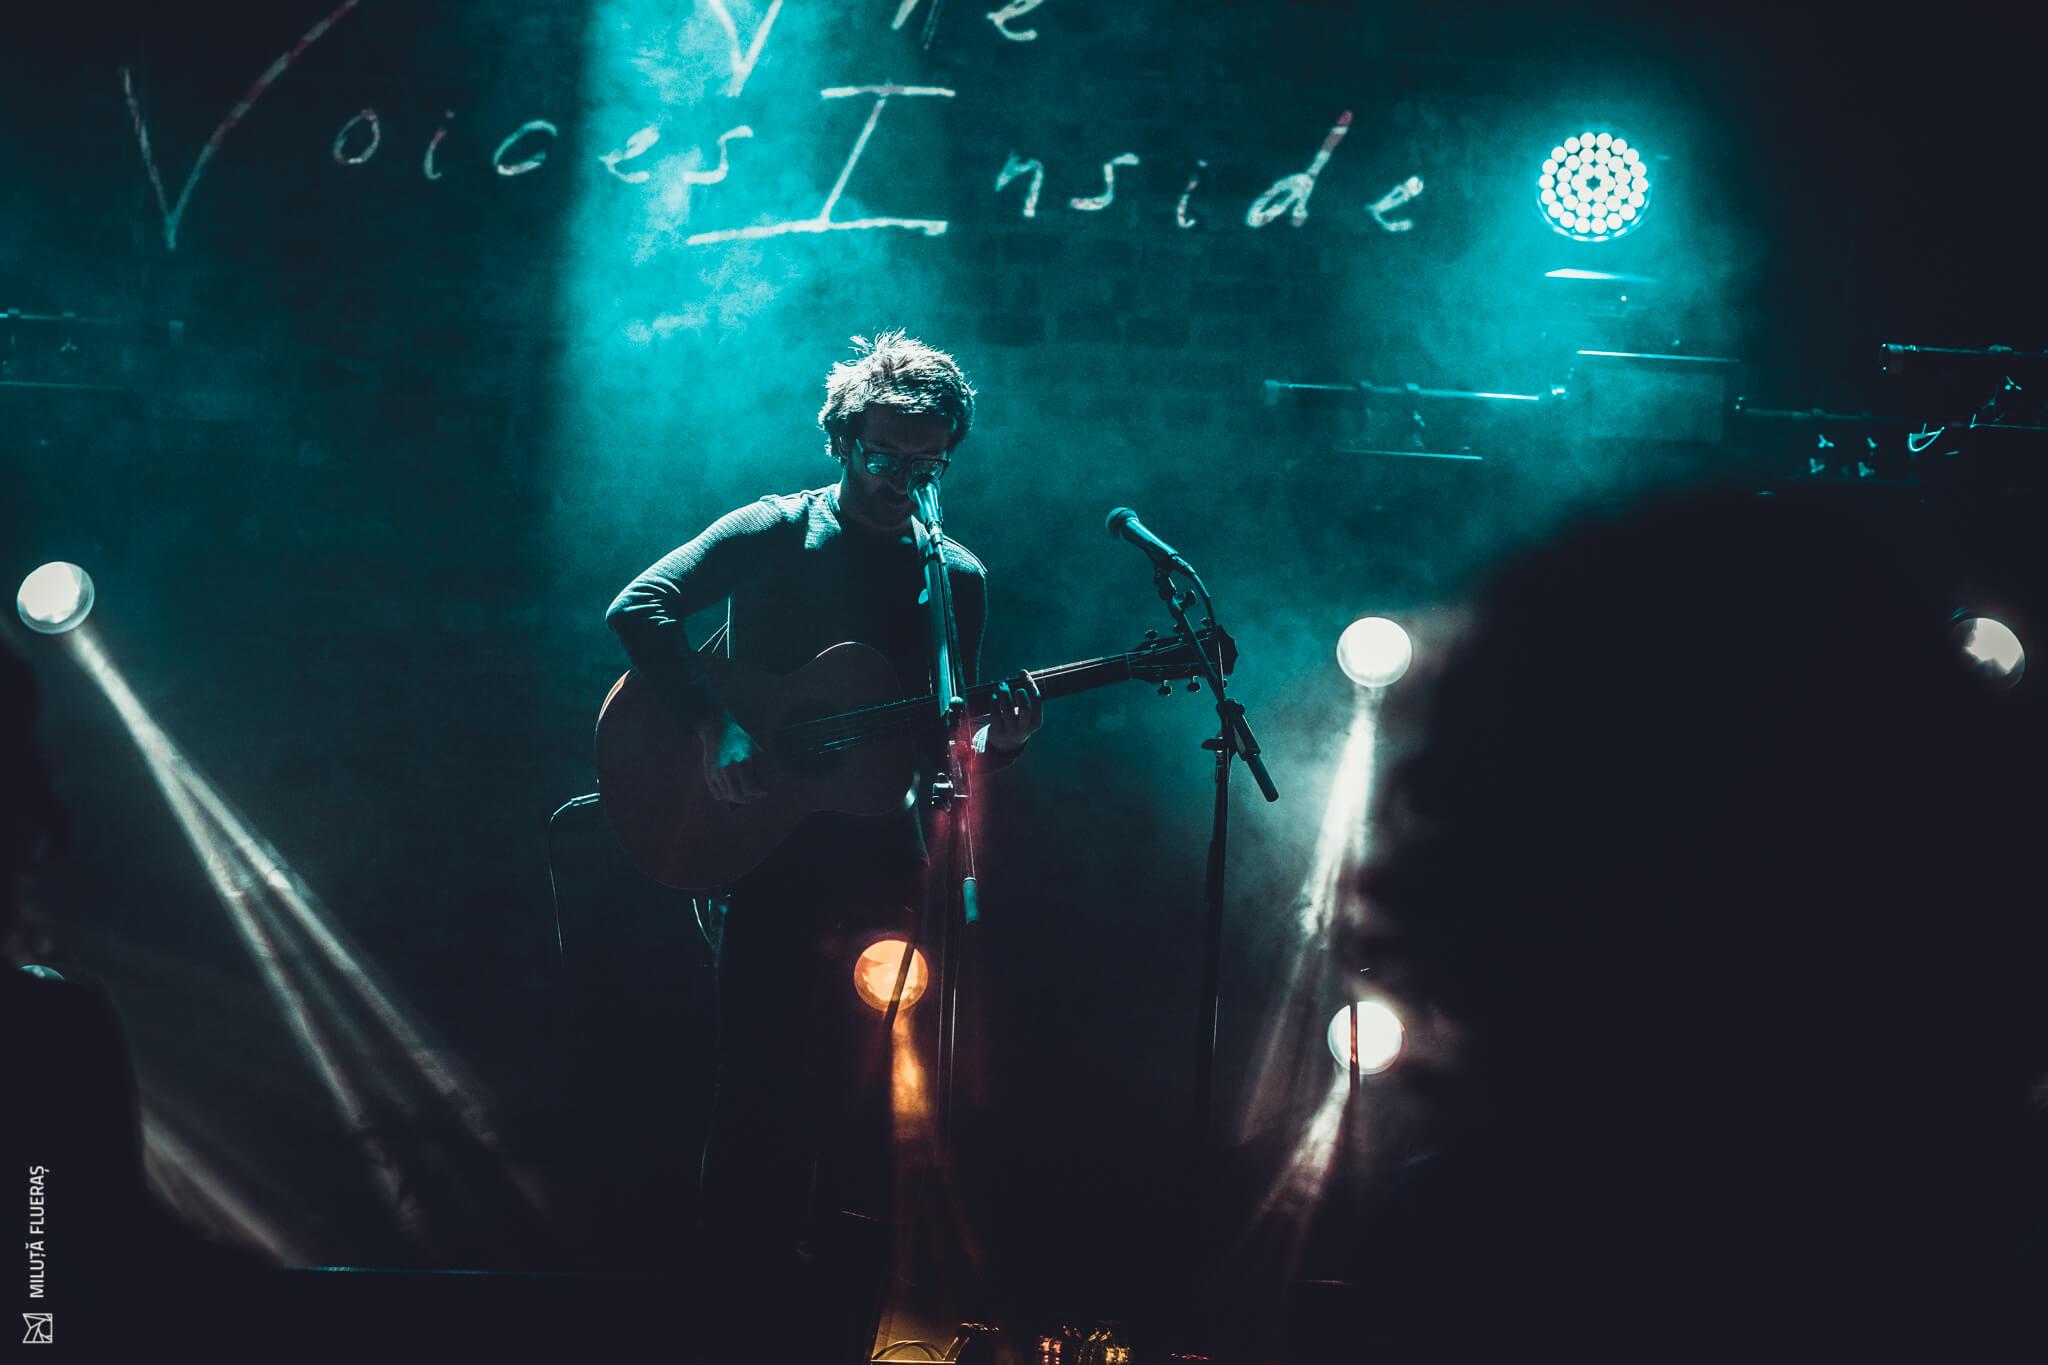 #JurnalDeArtist – Alexu and The Voices Inside: Cred că e cel mai bun timp să facem muzică în continuare. Oamenii au nevoie de ea